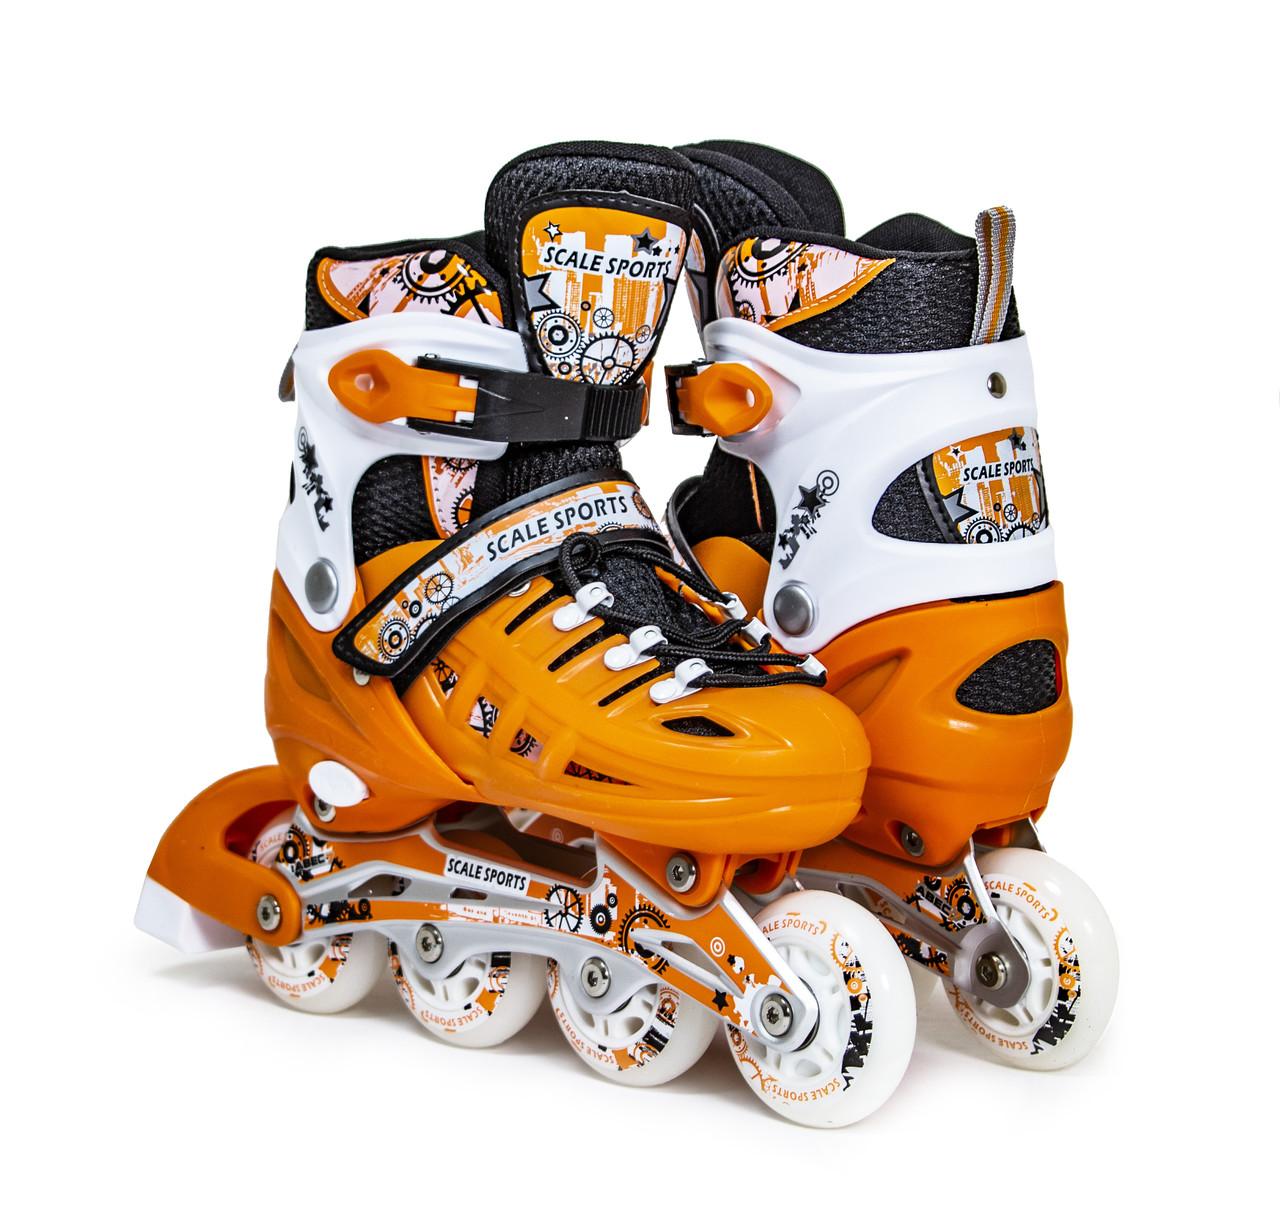 Ролики Scale Sports. Orange, размер 34-37